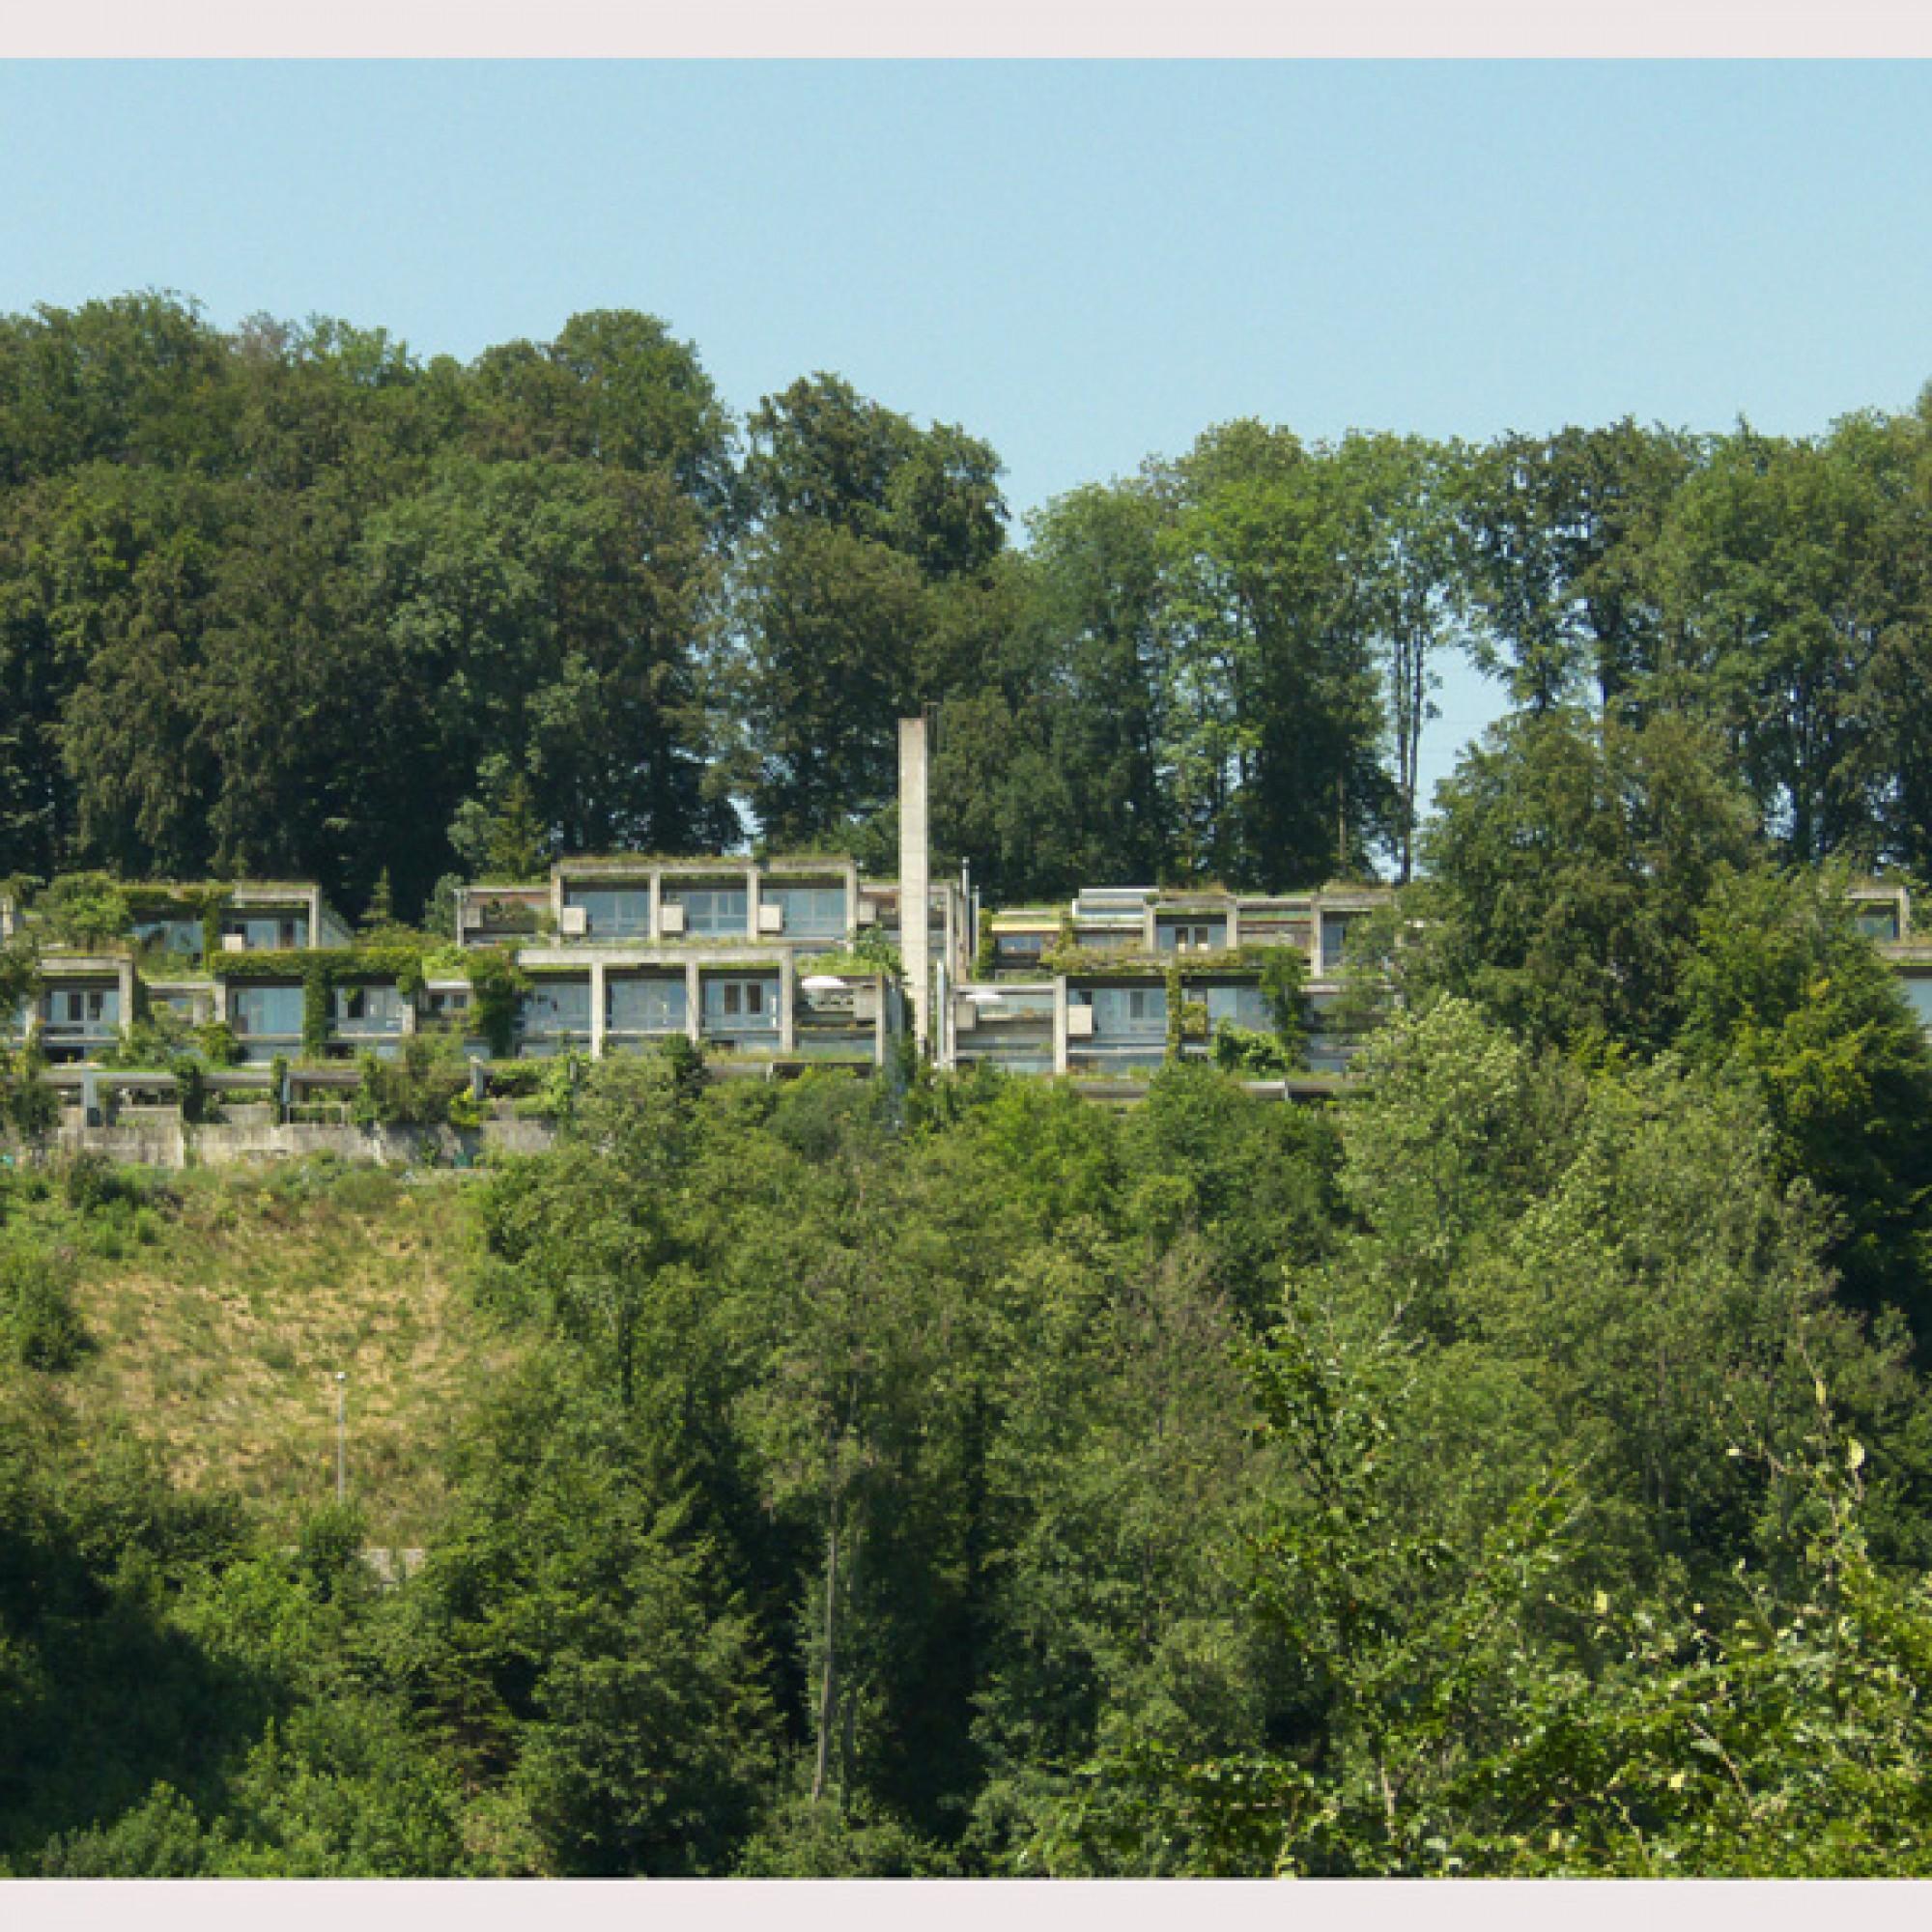 Die Halen-Siedlung im Jahr 2010 (Bilder: wikimedia.org, Ginko2g, CC)